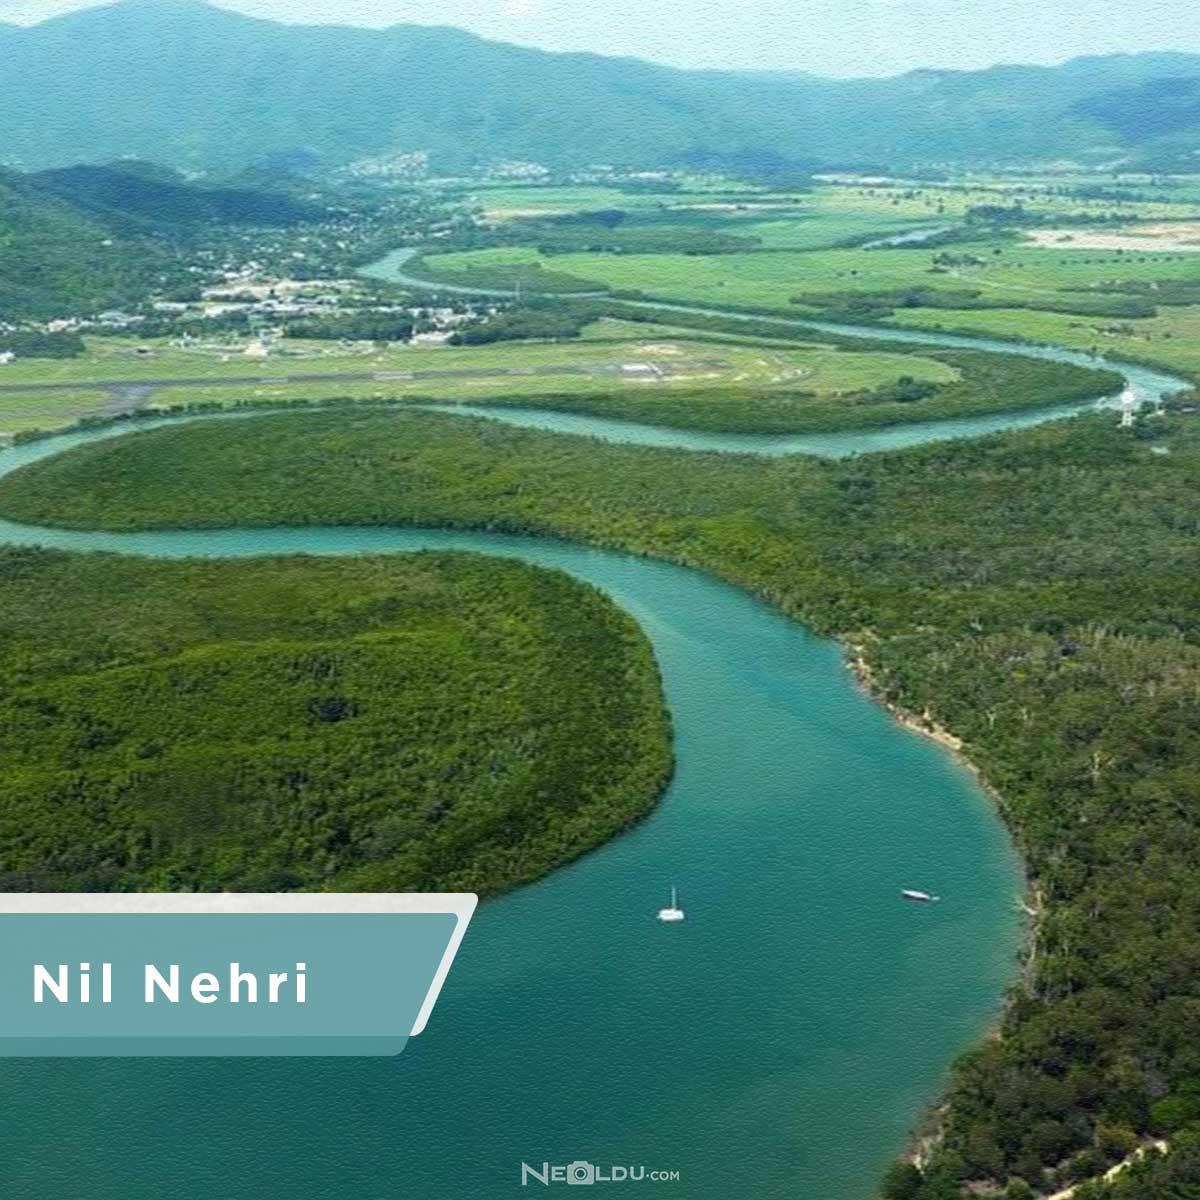 nil-nehri-011.jpg